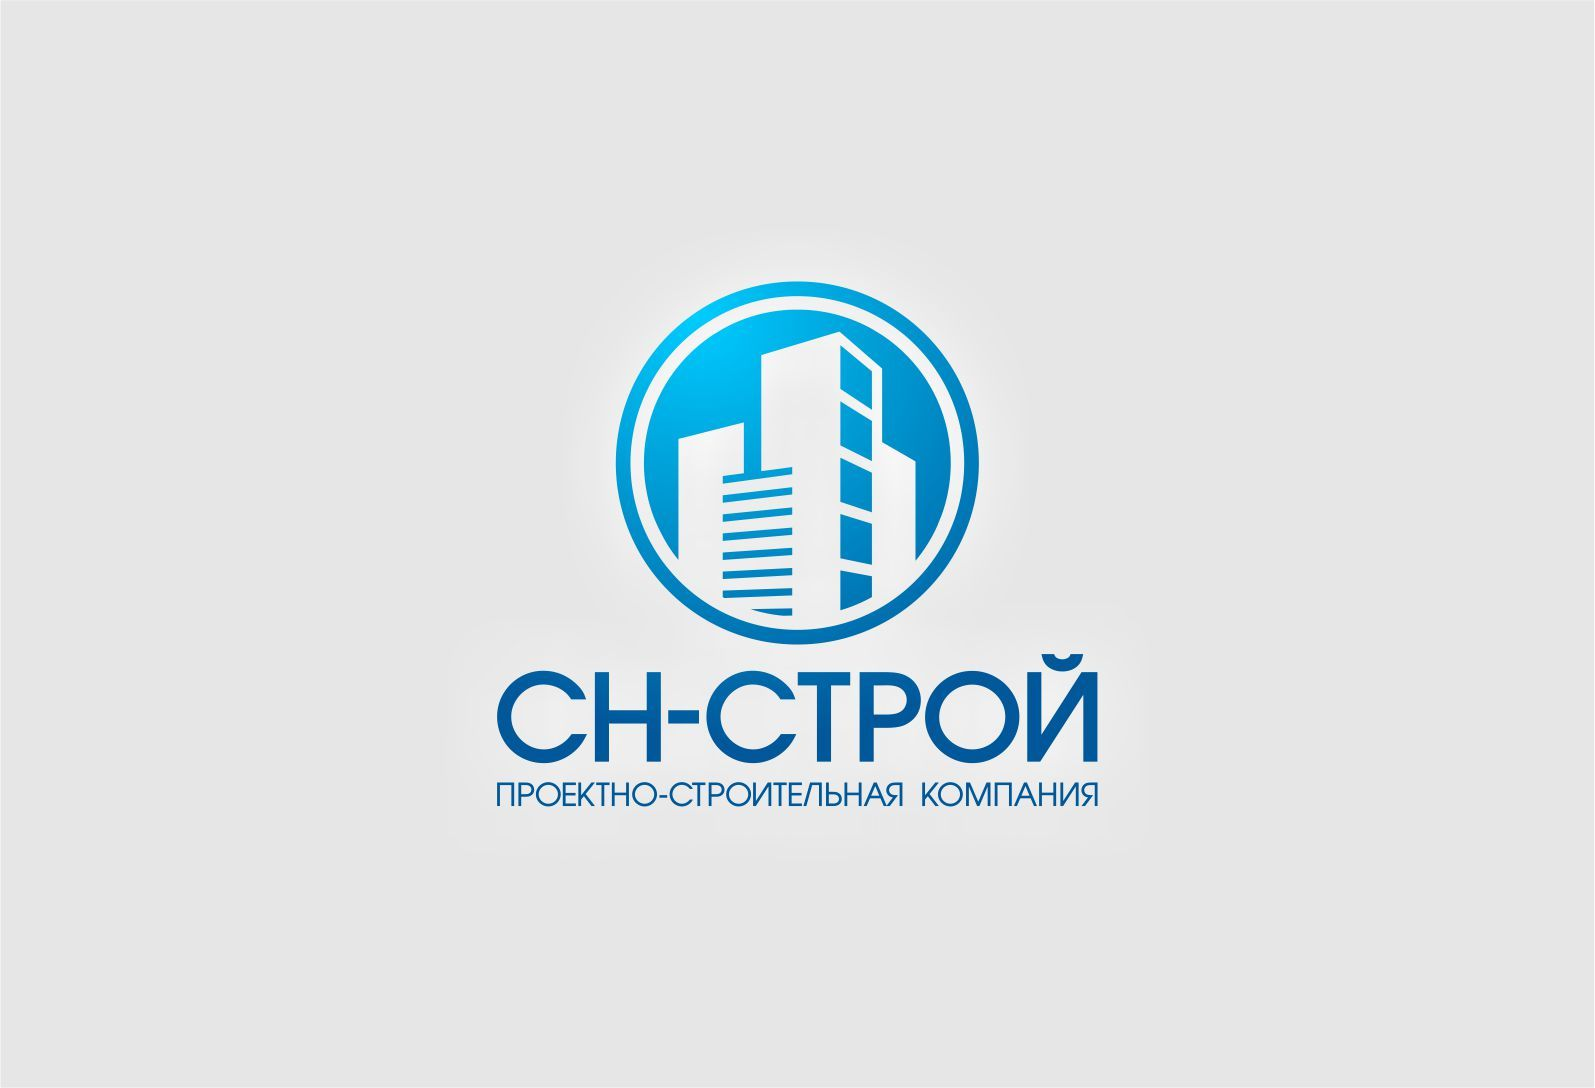 логотип проектно-строительной компании (финал)